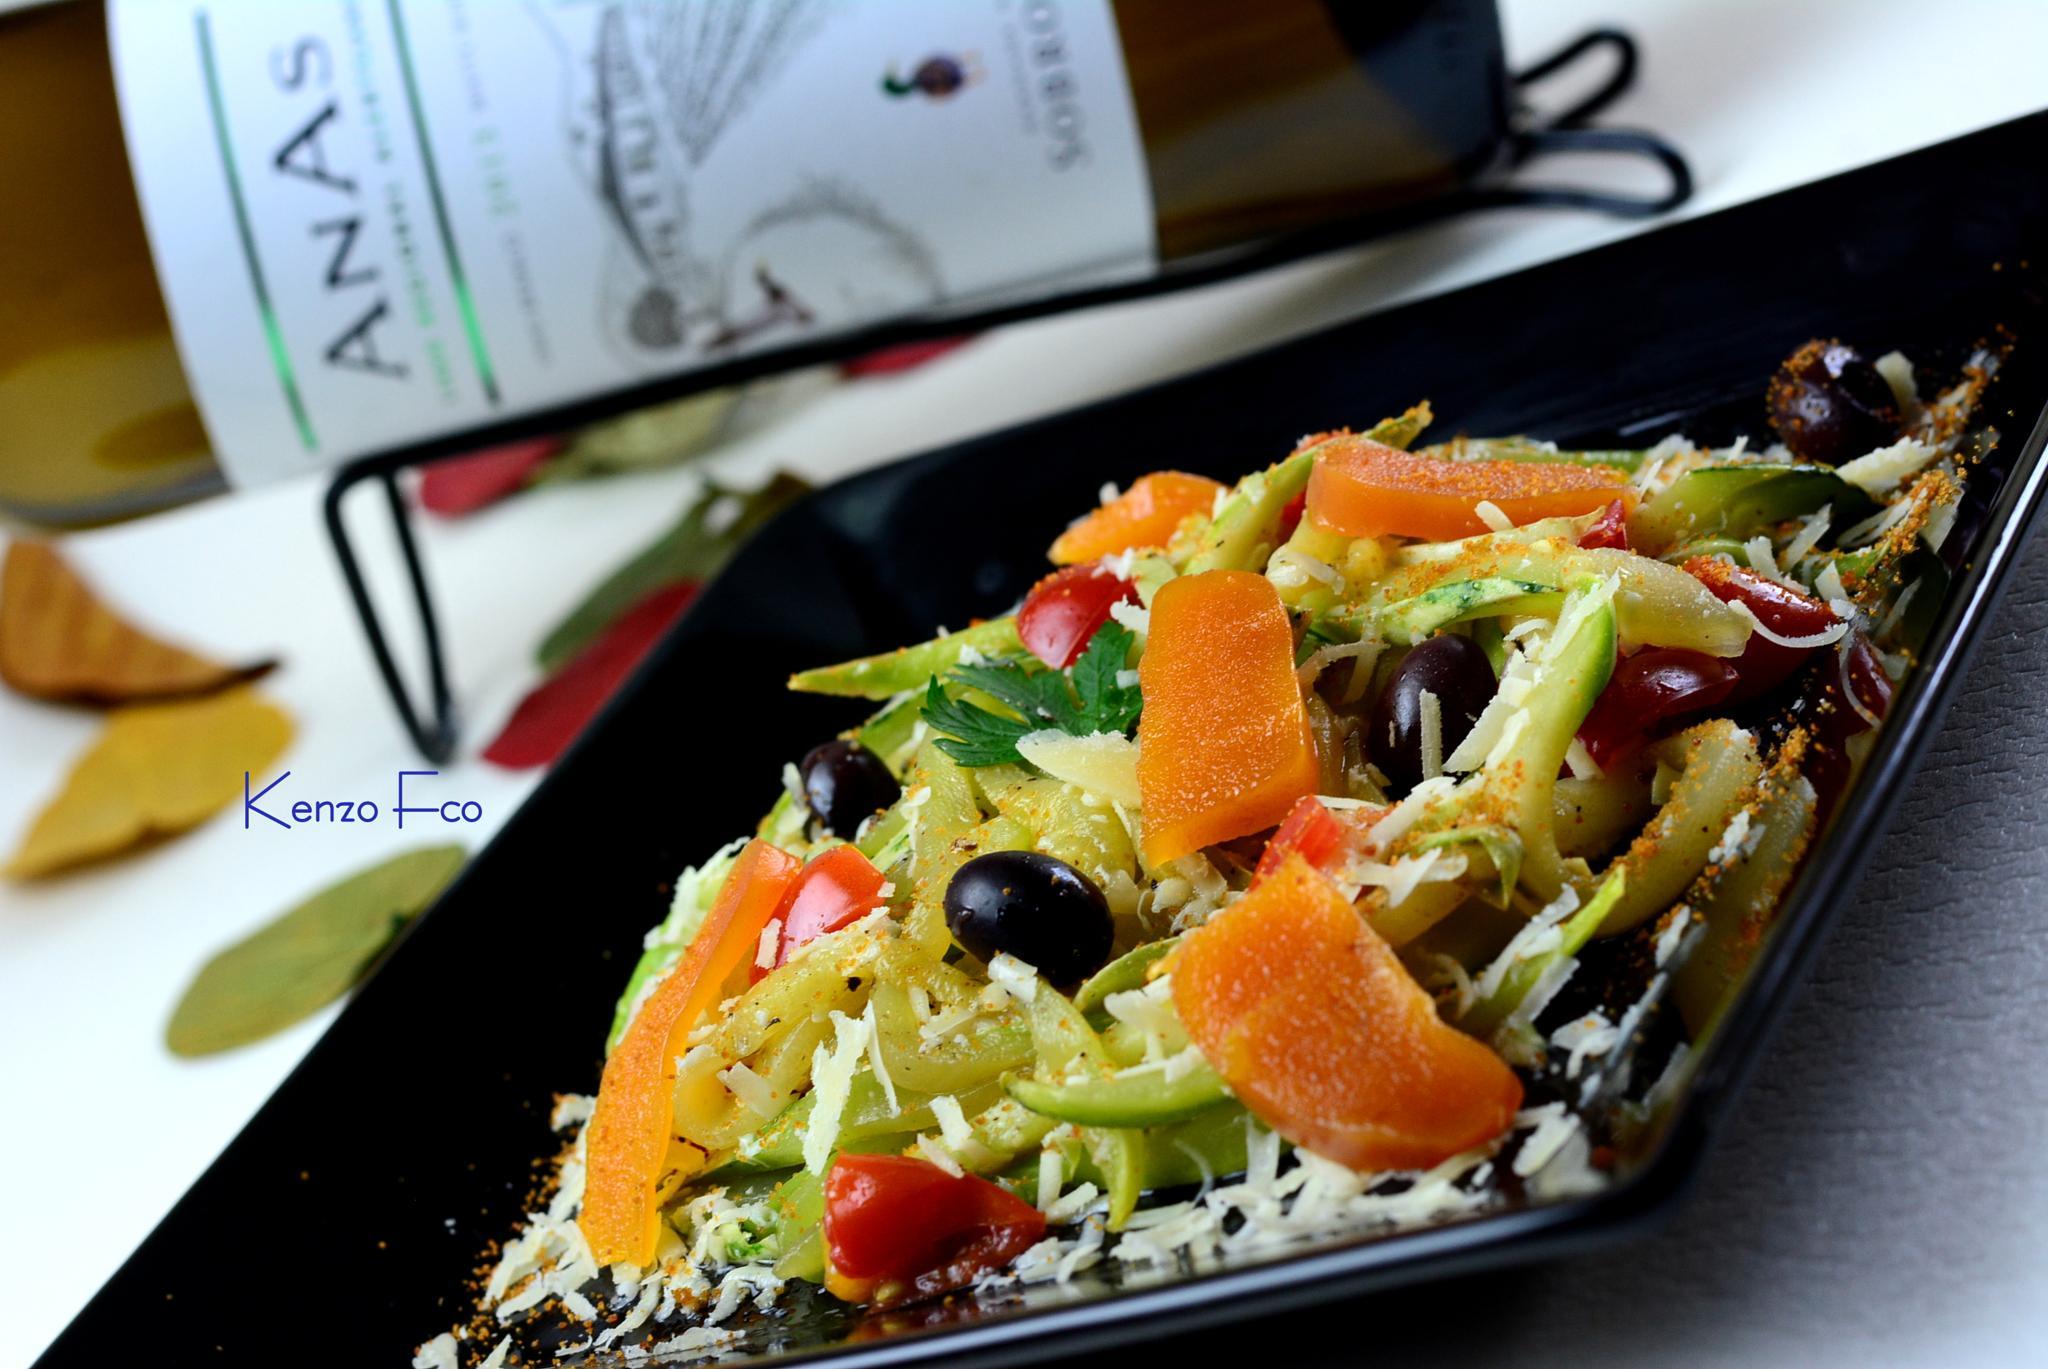 Talharim de zucchini by Kenzo